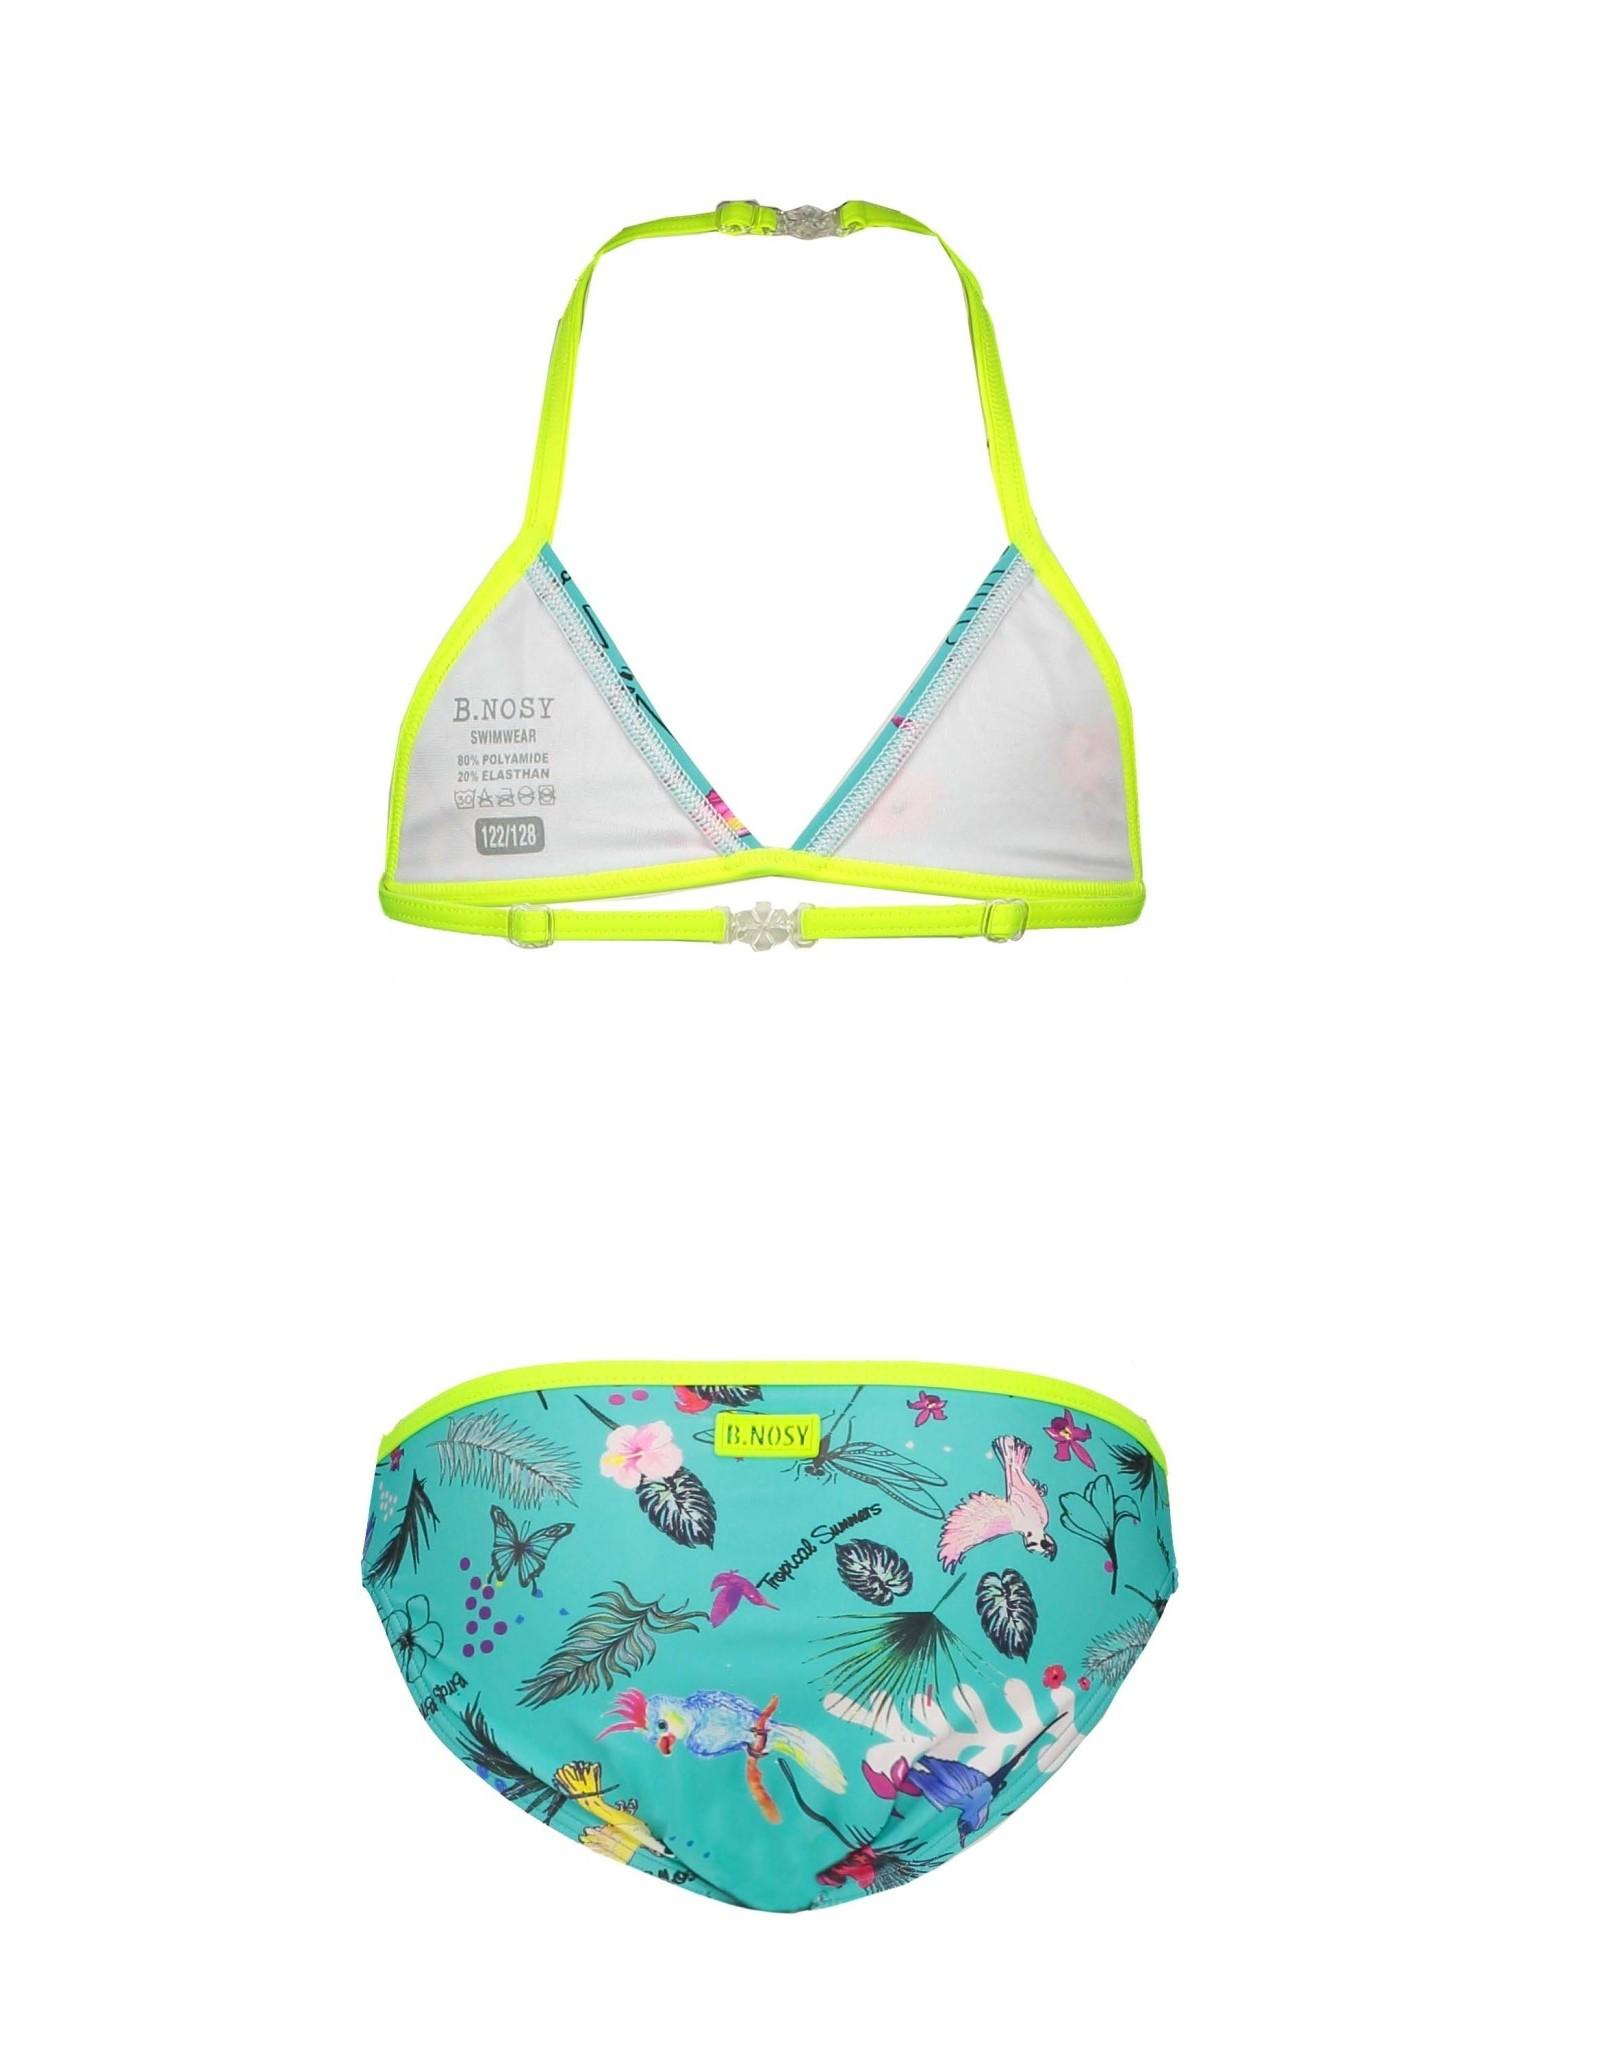 B-Nosy triangel bikini